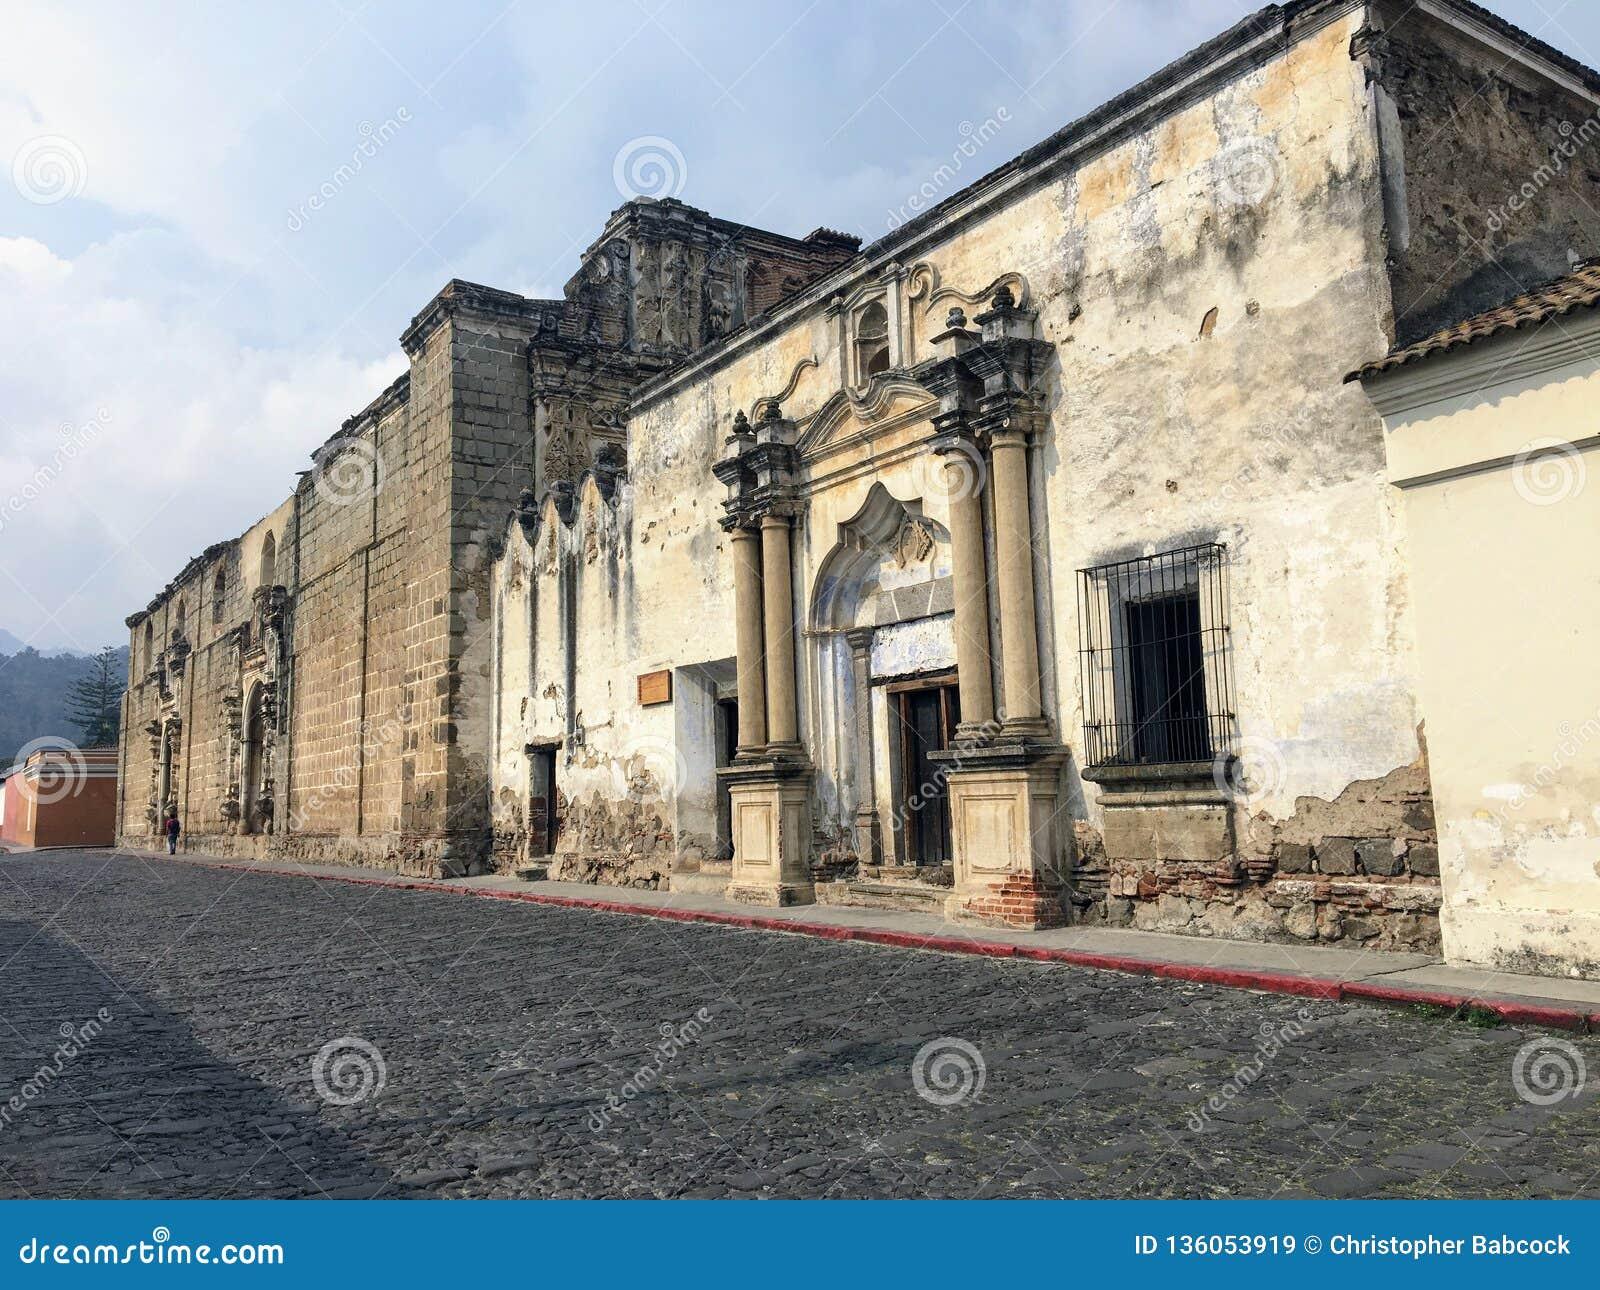 Stara, zbutwiała kolonialna architektura widzieć od brukować ulic piękny miasteczko Antigua Gwatemala, Gwatemala